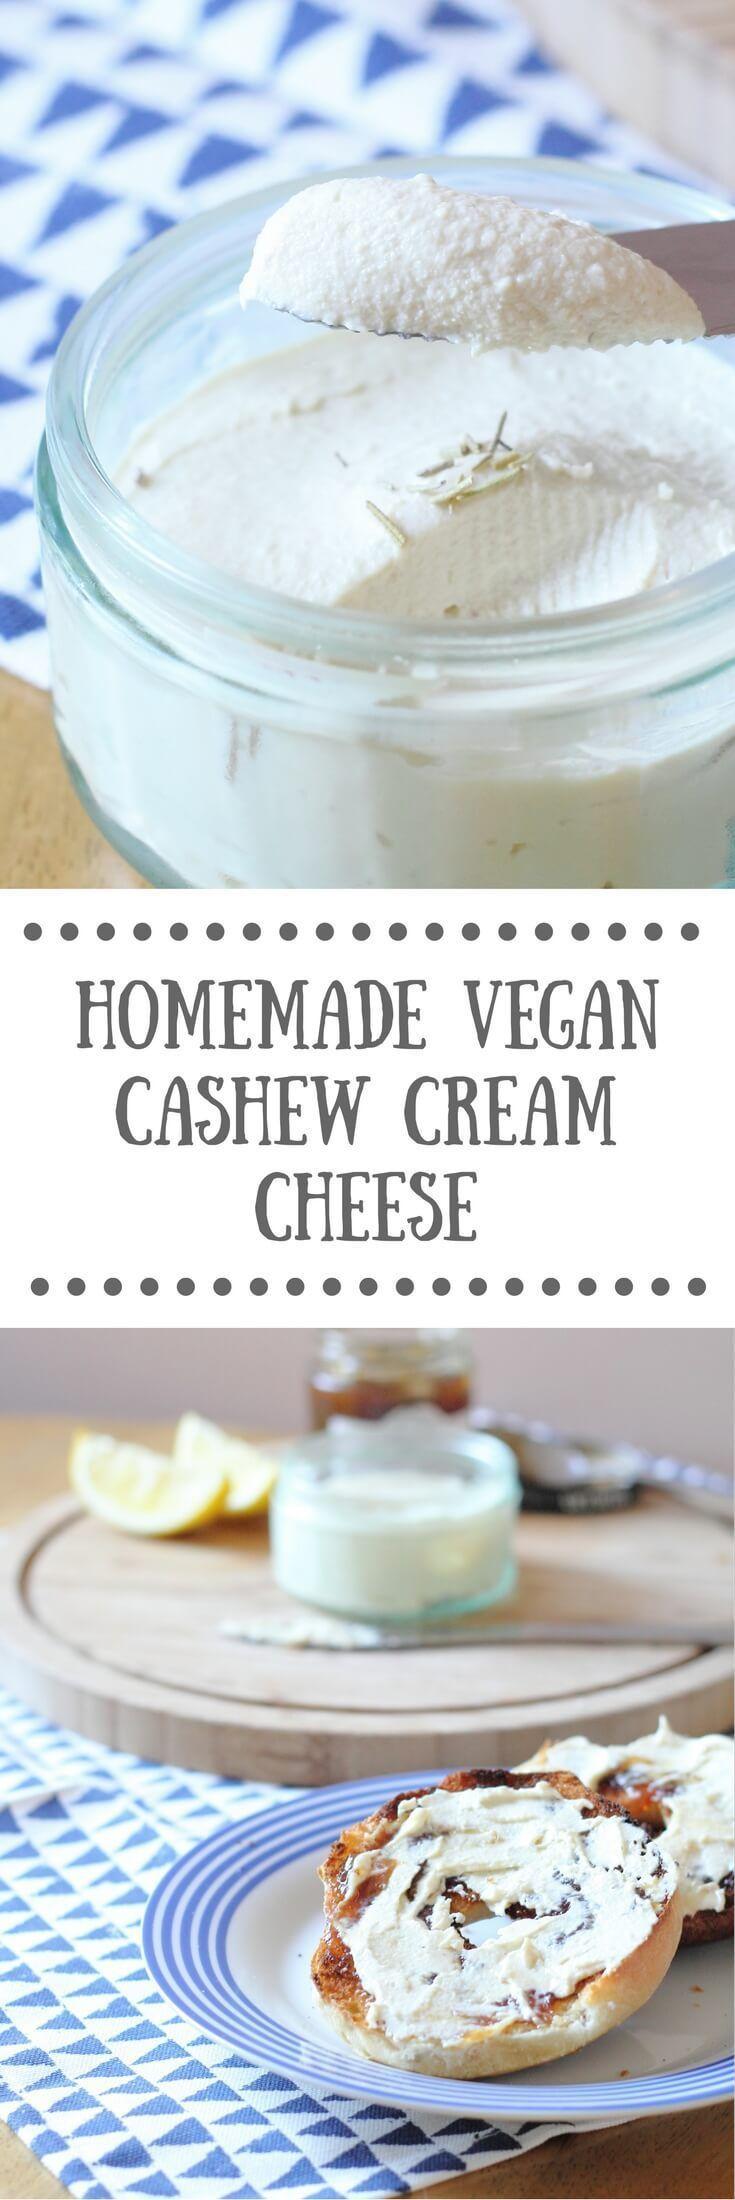 Homemade Vegan Cashew Cream Cheese - Vegan Recipe